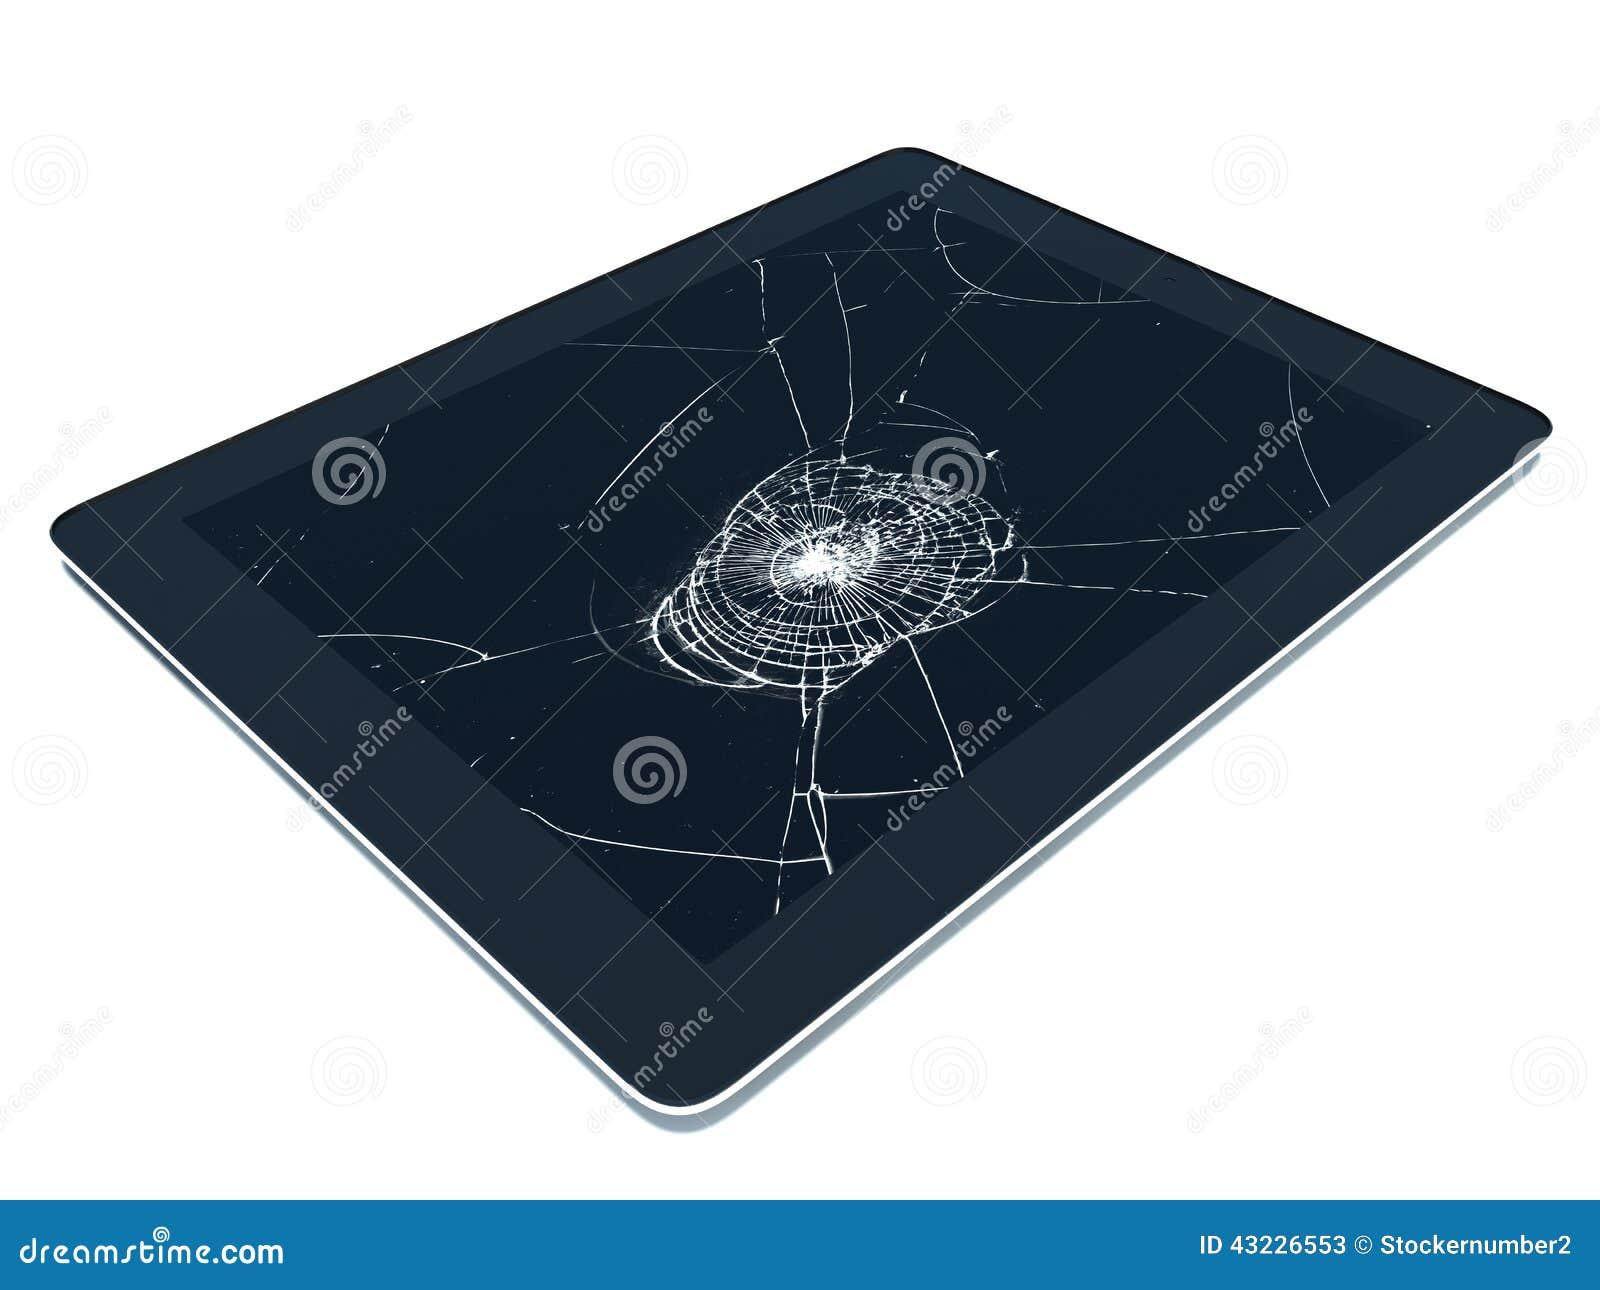 pc de tablette avec l 39 cran cass illustration stock illustration du cellule noir 43226553. Black Bedroom Furniture Sets. Home Design Ideas